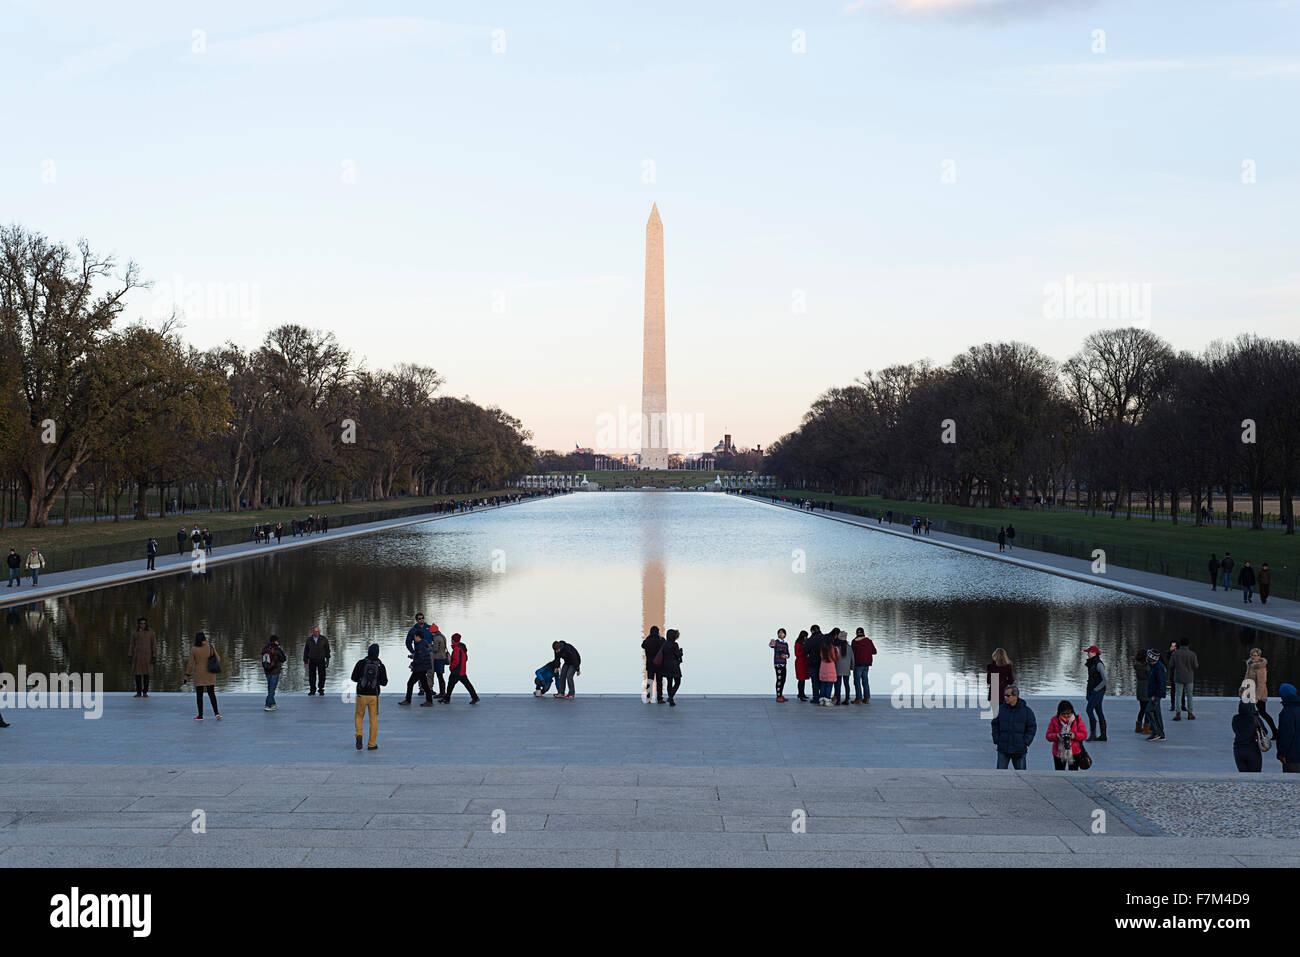 El Monumento a Washington y la piscina reflectante en Washington DC como se ve desde el Lincoln Memorial. Imagen De Stock